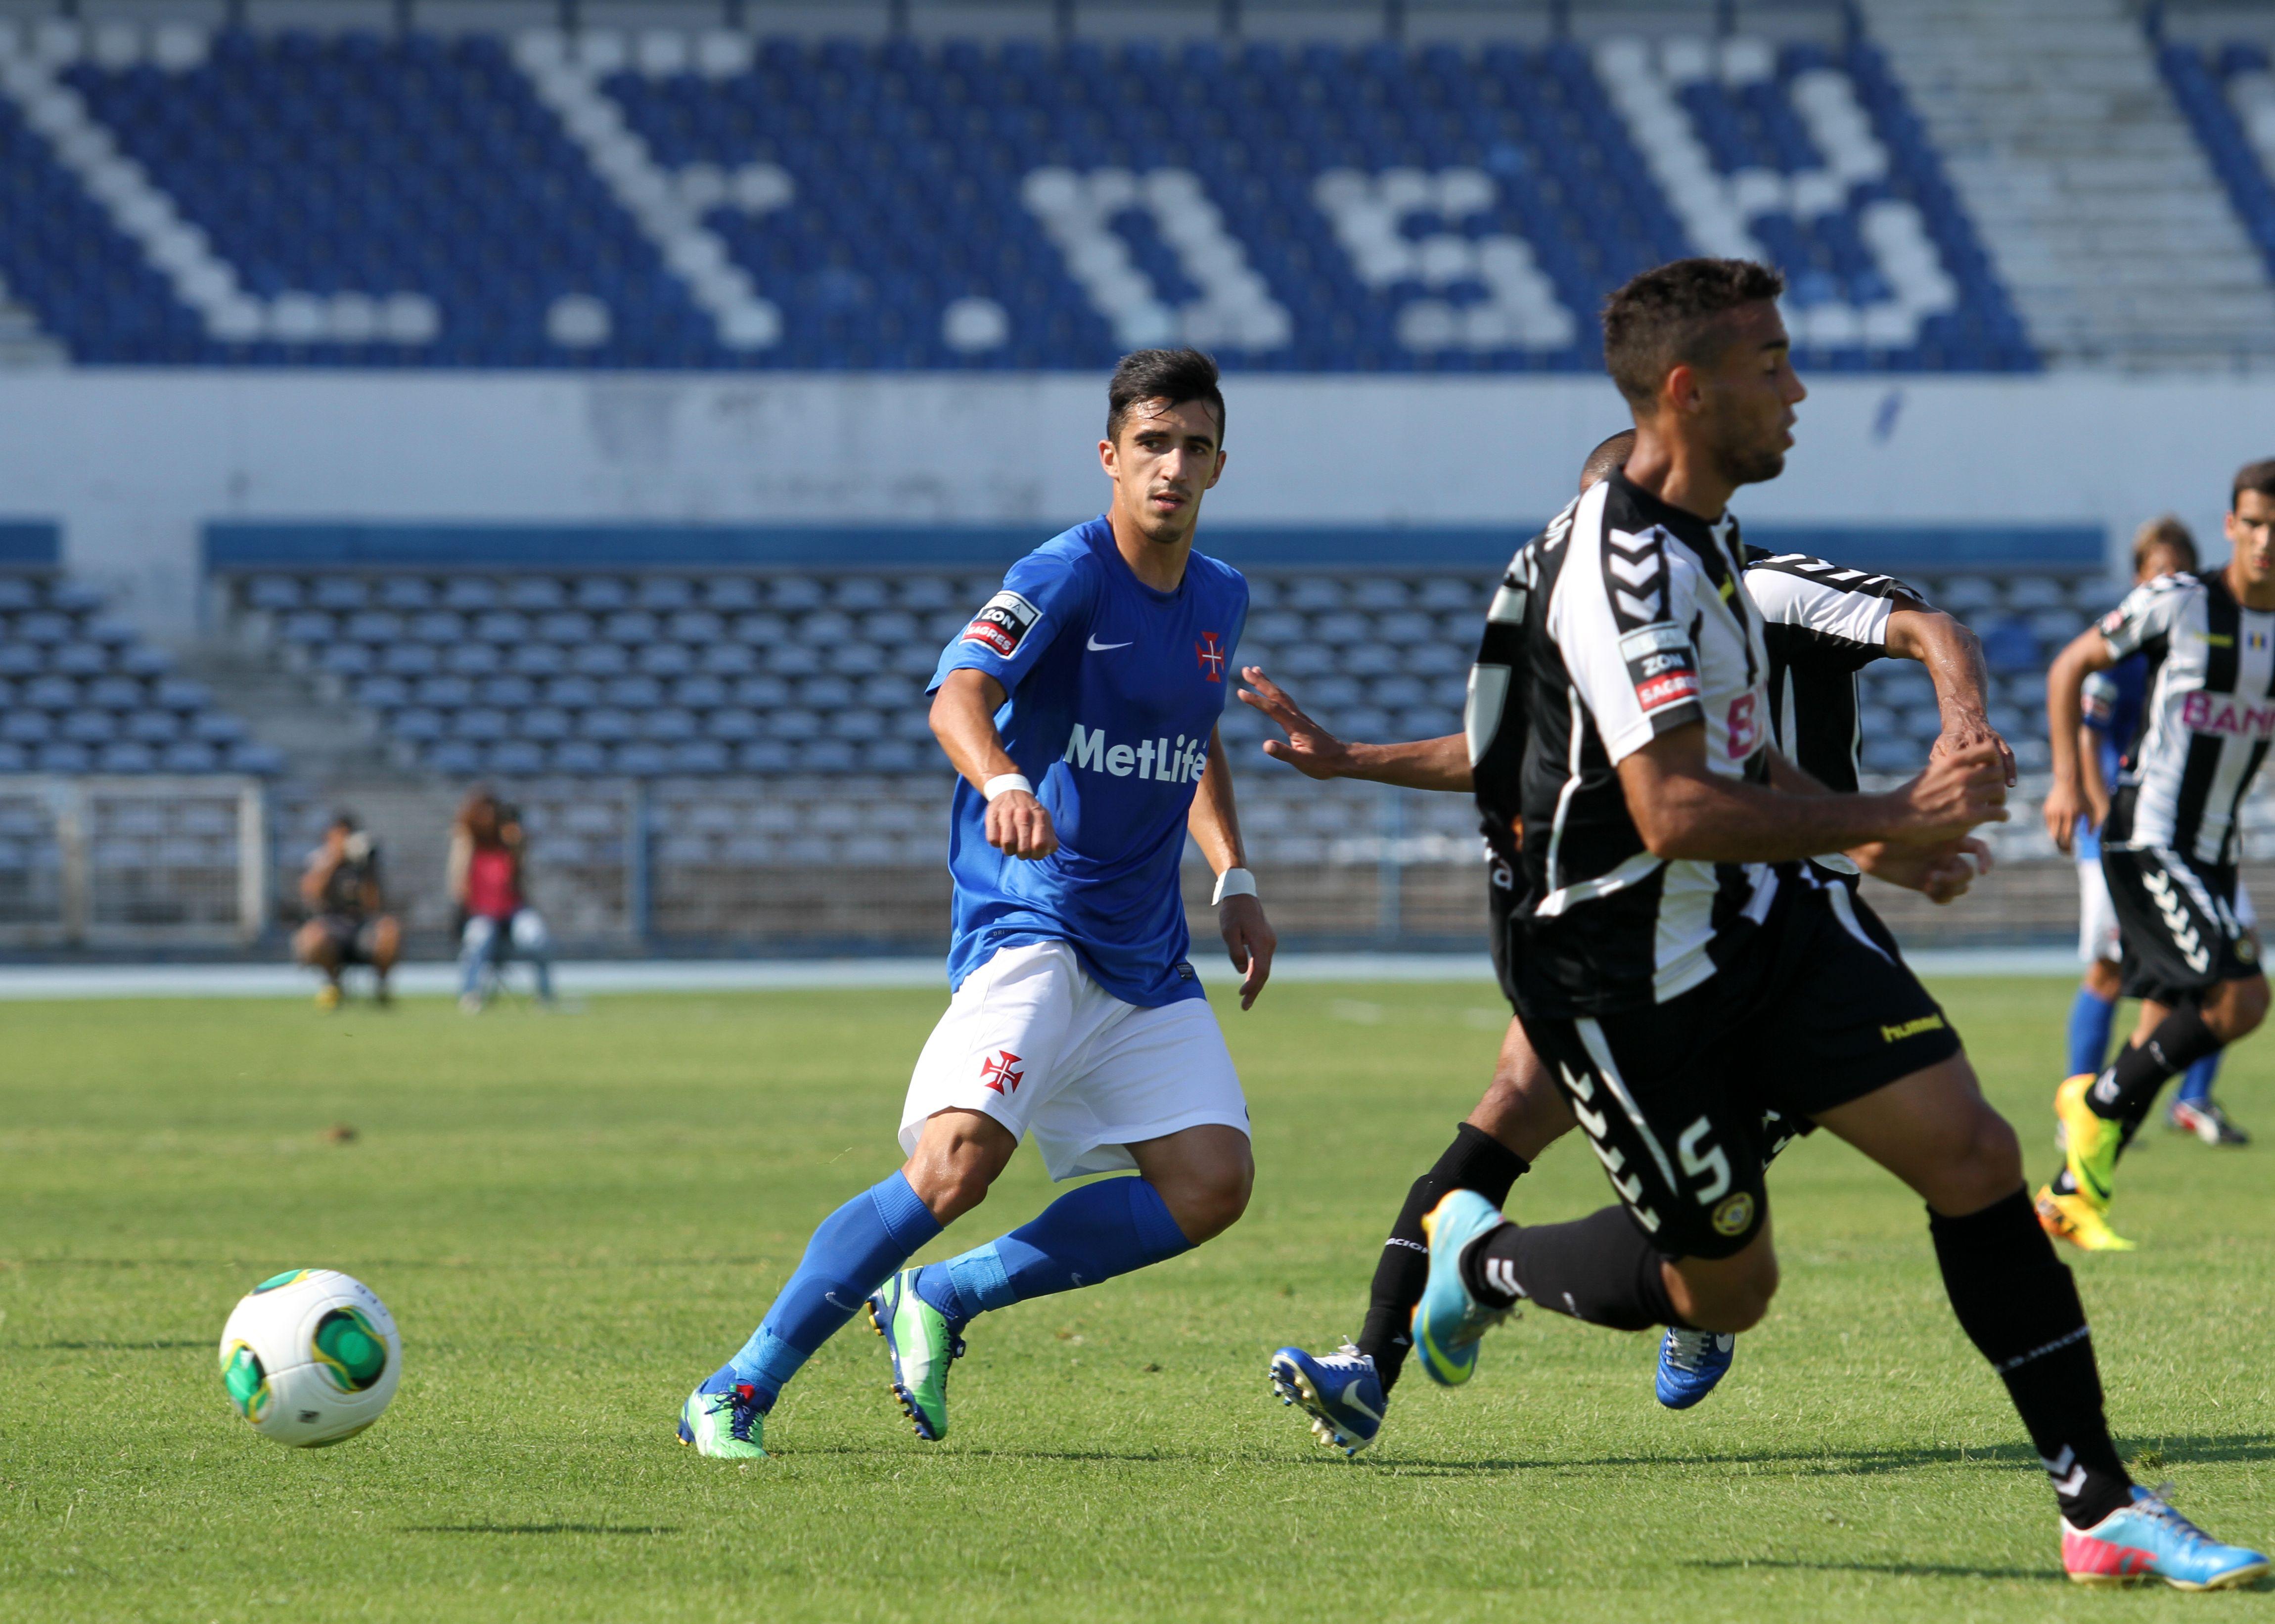 Liga Zon Sagres 2013/14, 3ª Jornada, Estádio do Restelo | Os Belenenses - Nacional da Madeira *** João Pedro